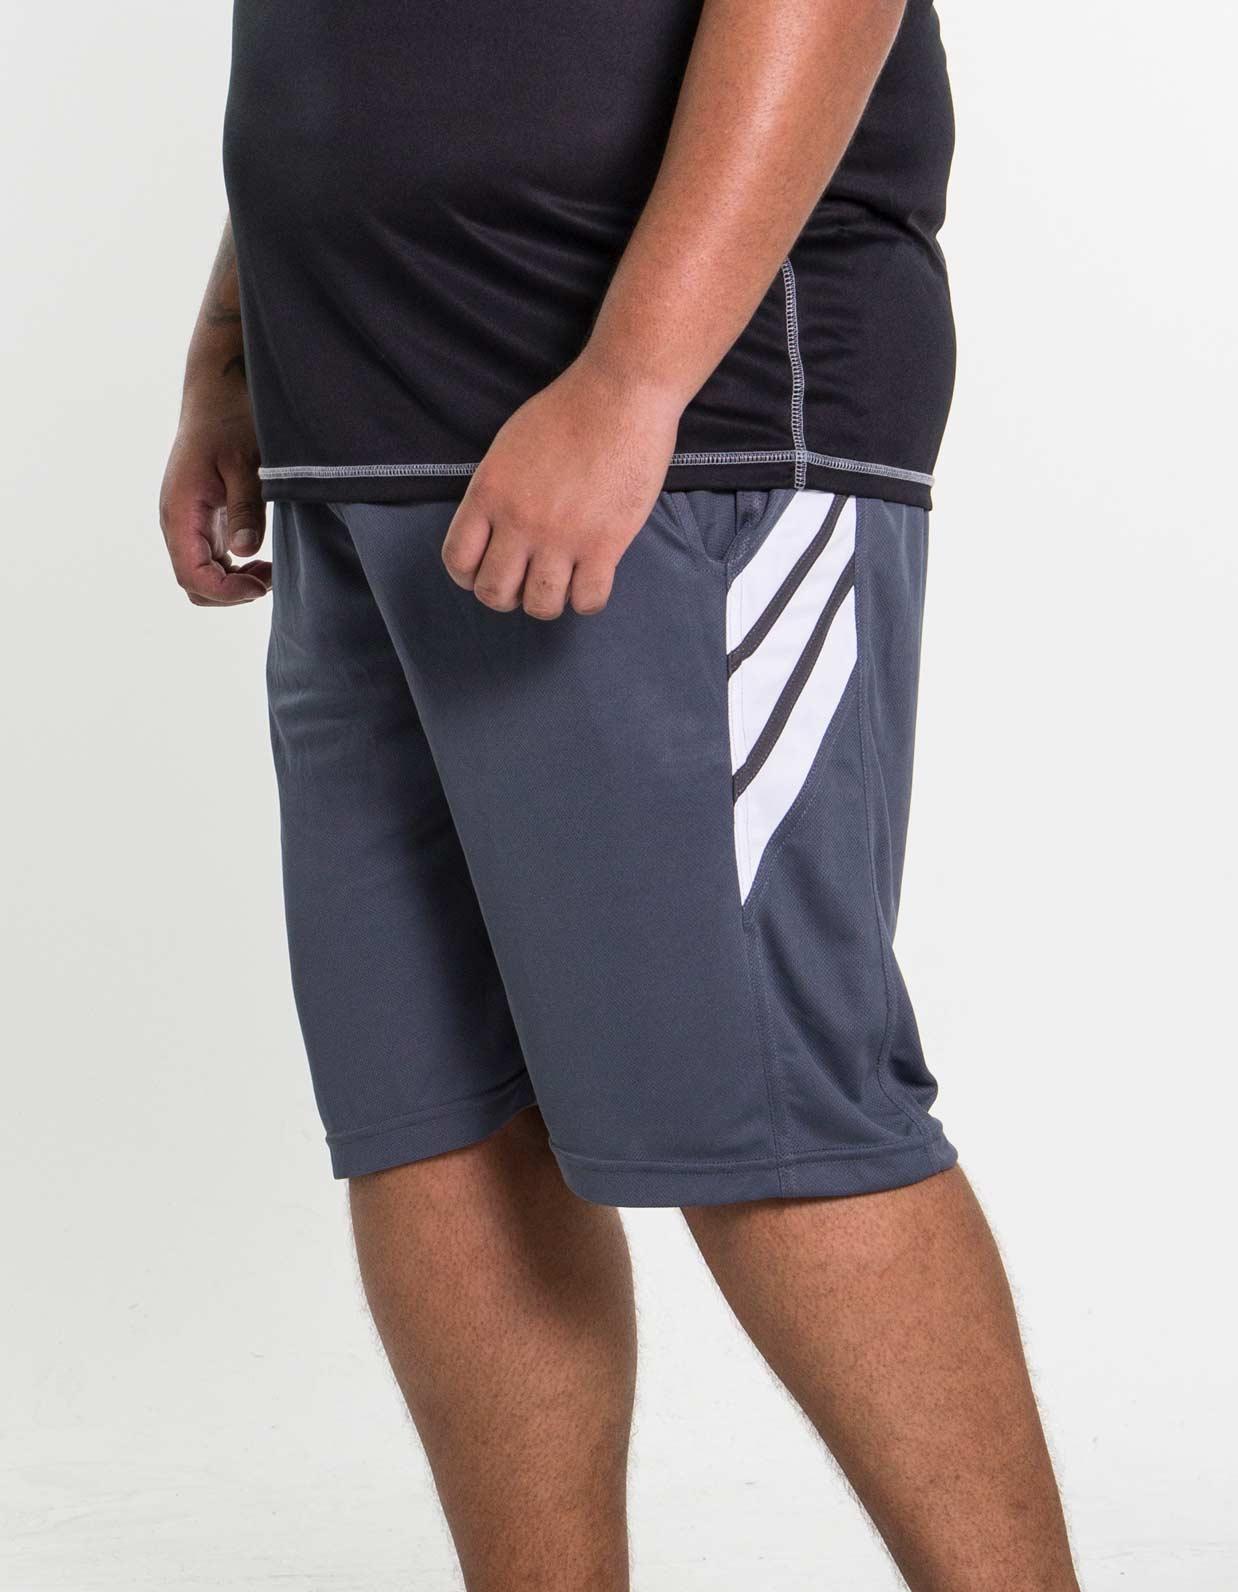 Bermuda Masculina Plus Size com Elástico